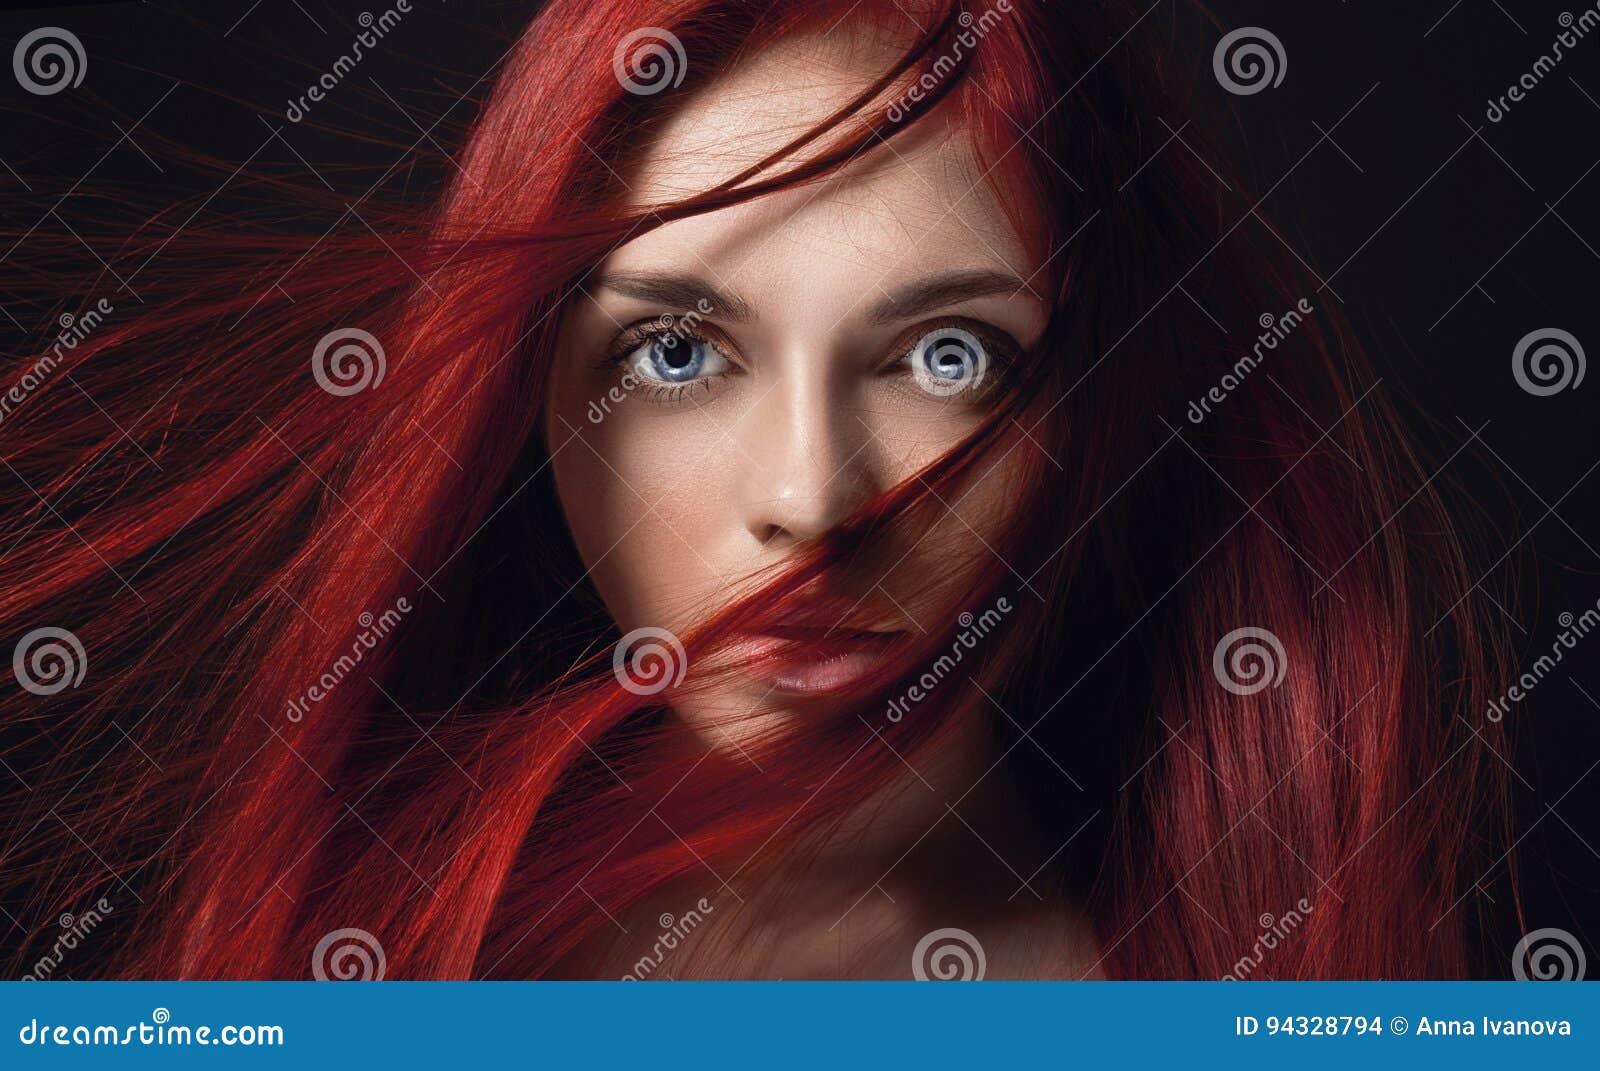 Sexy mooi roodharigemeisje met lang haar Perfect vrouwenportret op zwarte achtergrond Schitterend haar en diepe grote blauwe ogen